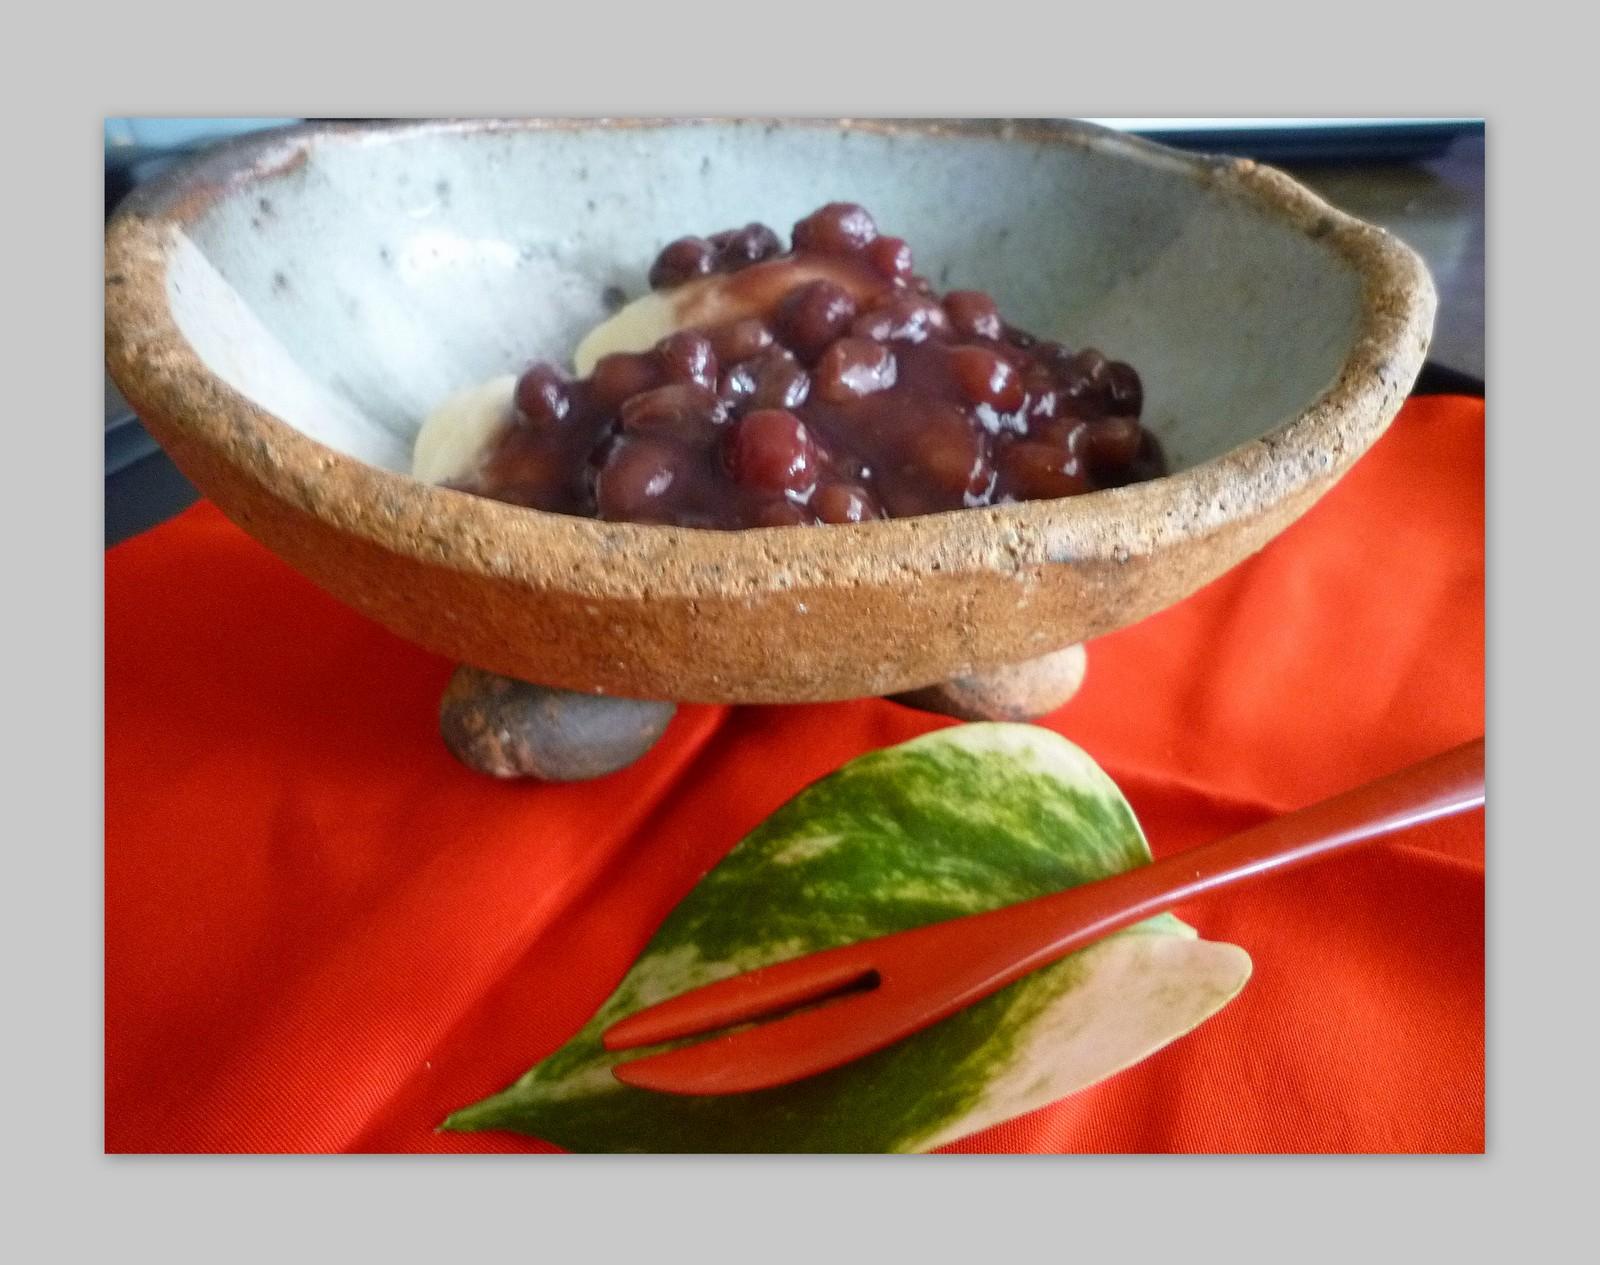 簡単で料理とは言えないけれど、白玉団子作りを。。。_f0205317_14283025.jpg